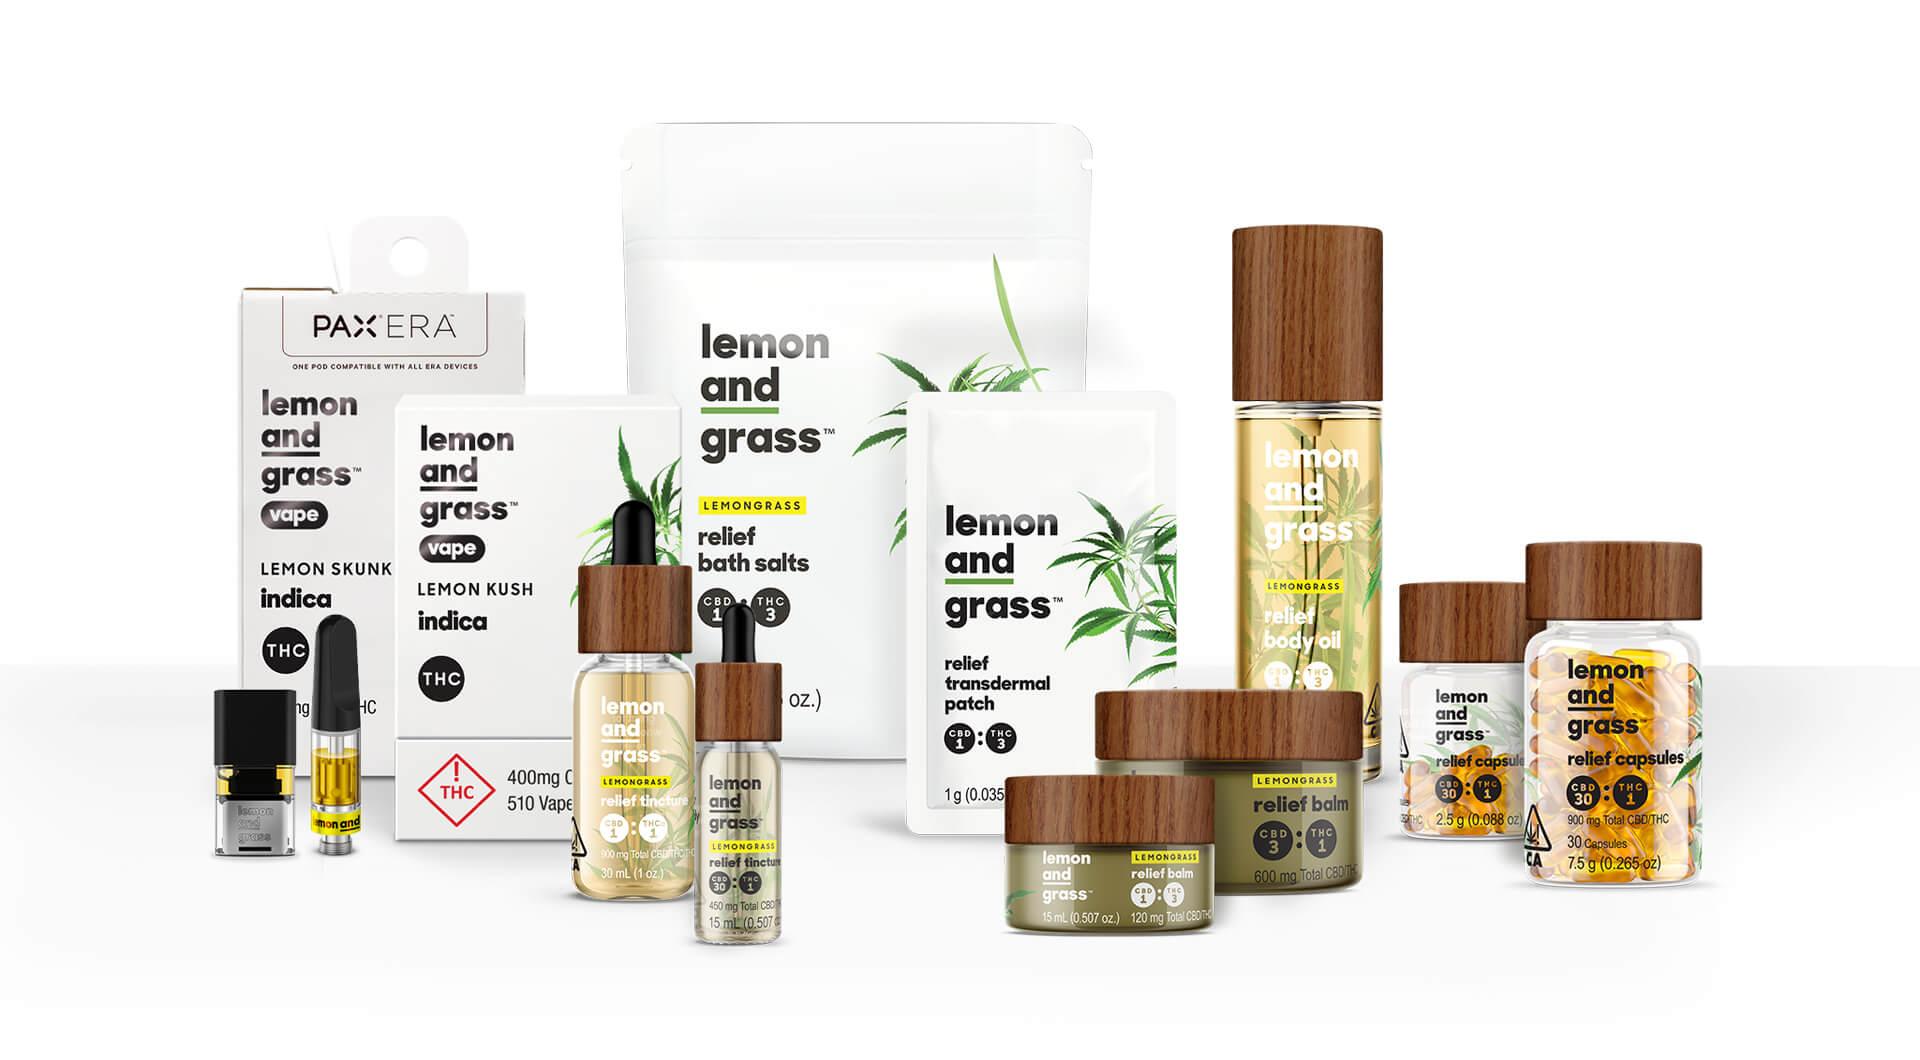 http://www.lemonandgrass.com/wp-content/uploads/2021/03/Product_Family-1920_V4_VapesAdded.jpg